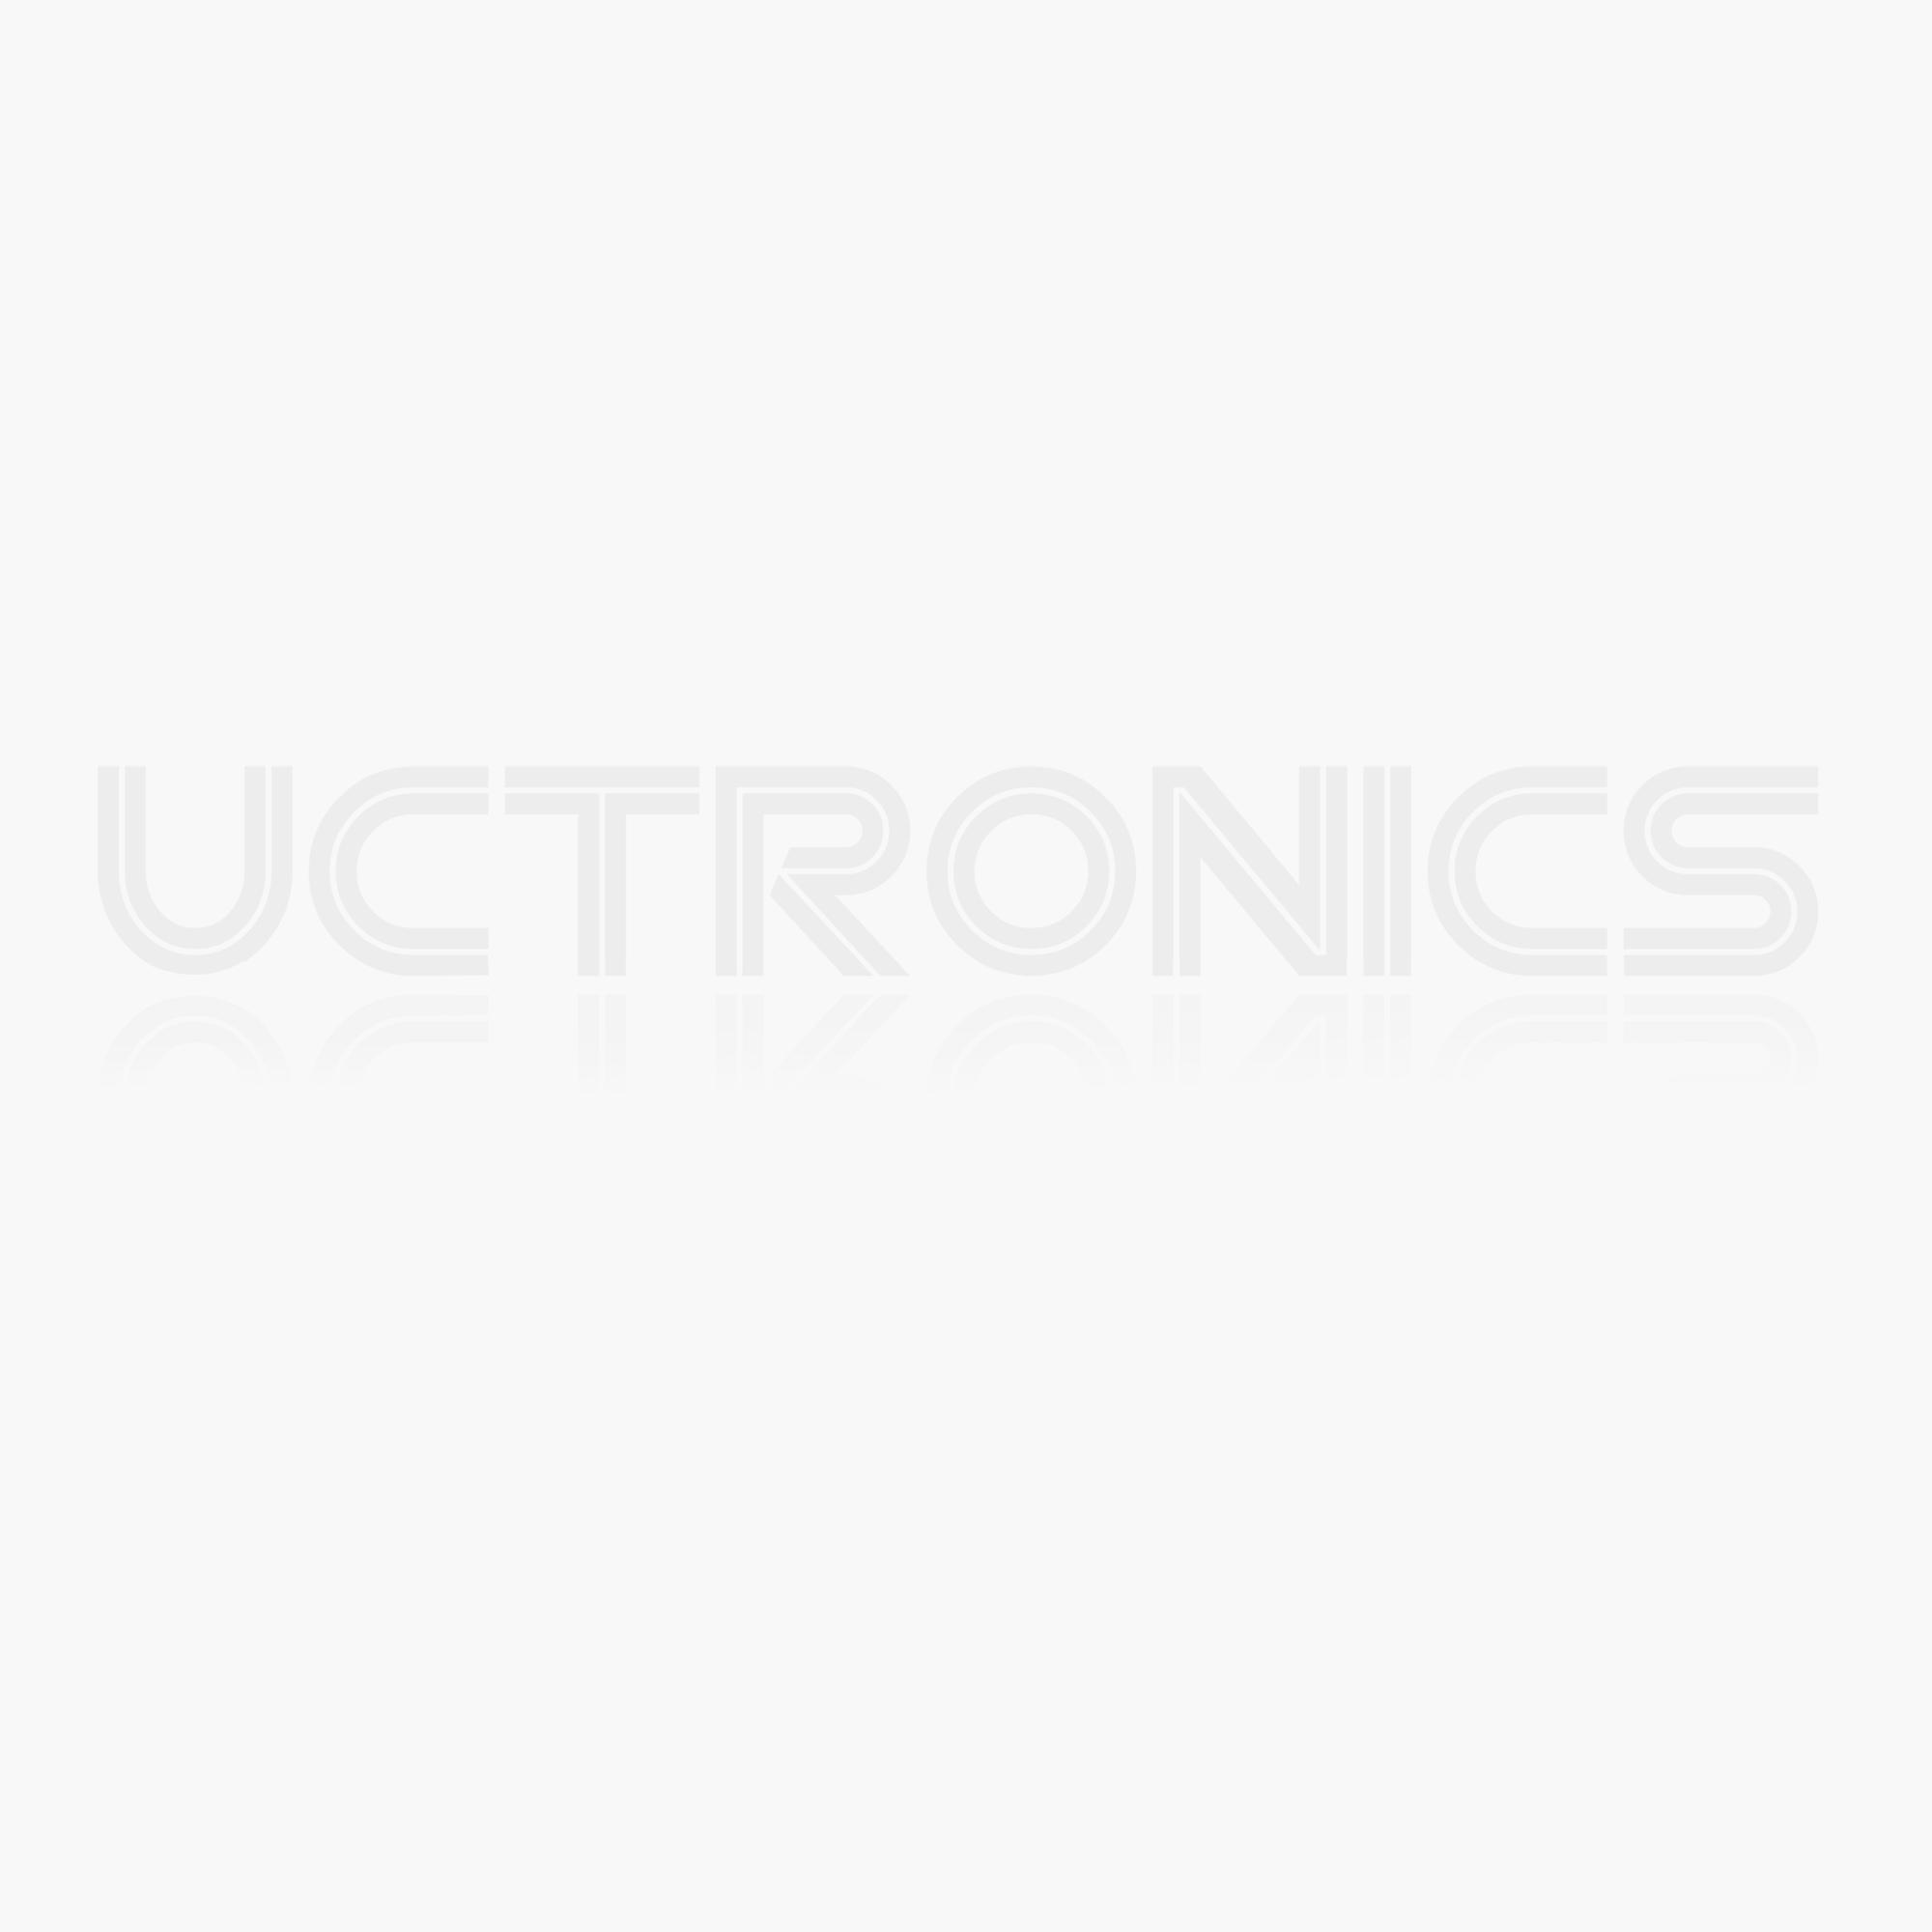 DC-DC Adjustable Step Down LM2596 Power Module 5-24V to 0.93-18V